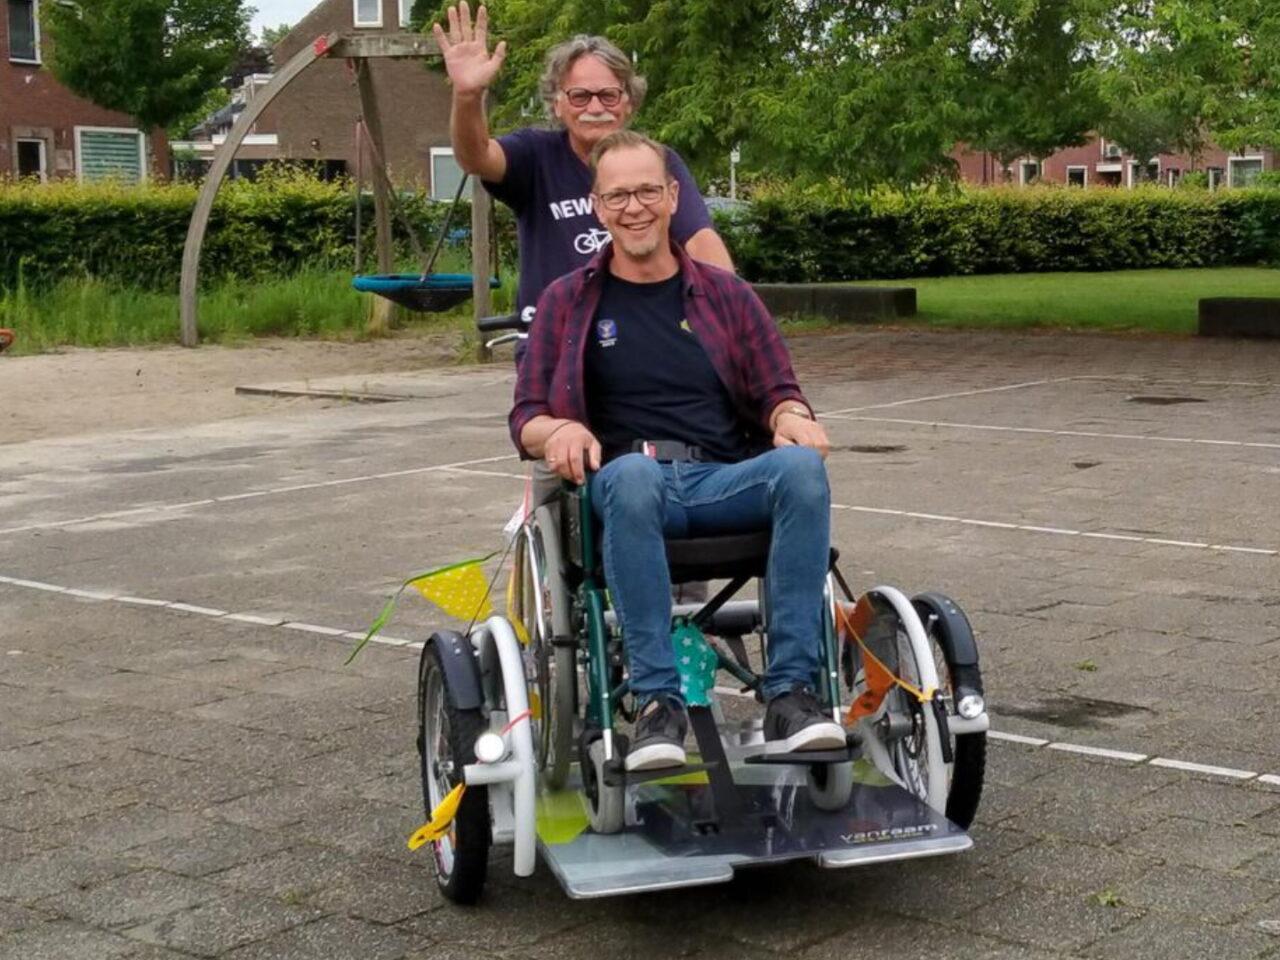 https://curatwente.nl/wp-content/uploads/2021/01/Nieuwe-Rolstoelfiets-Cura-Twente-1280x960.jpg